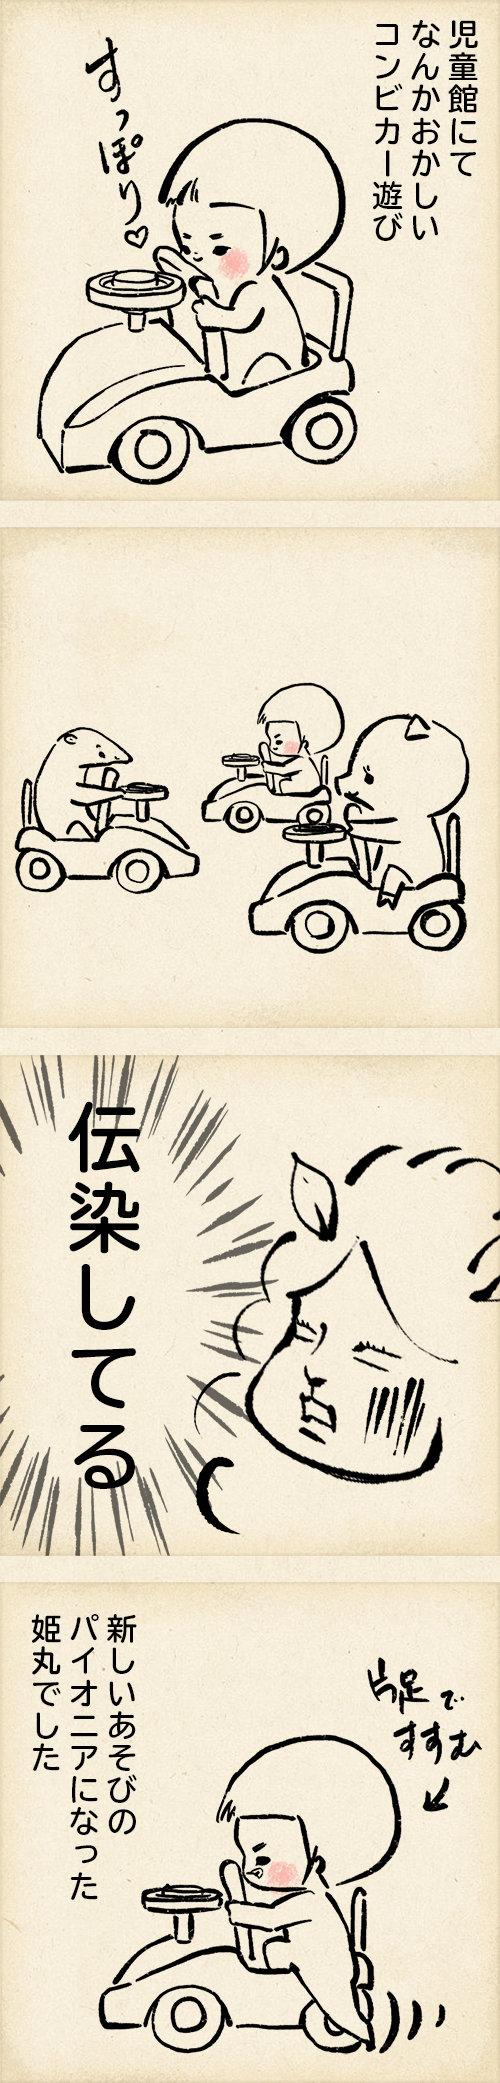 コンビカーの遊び方